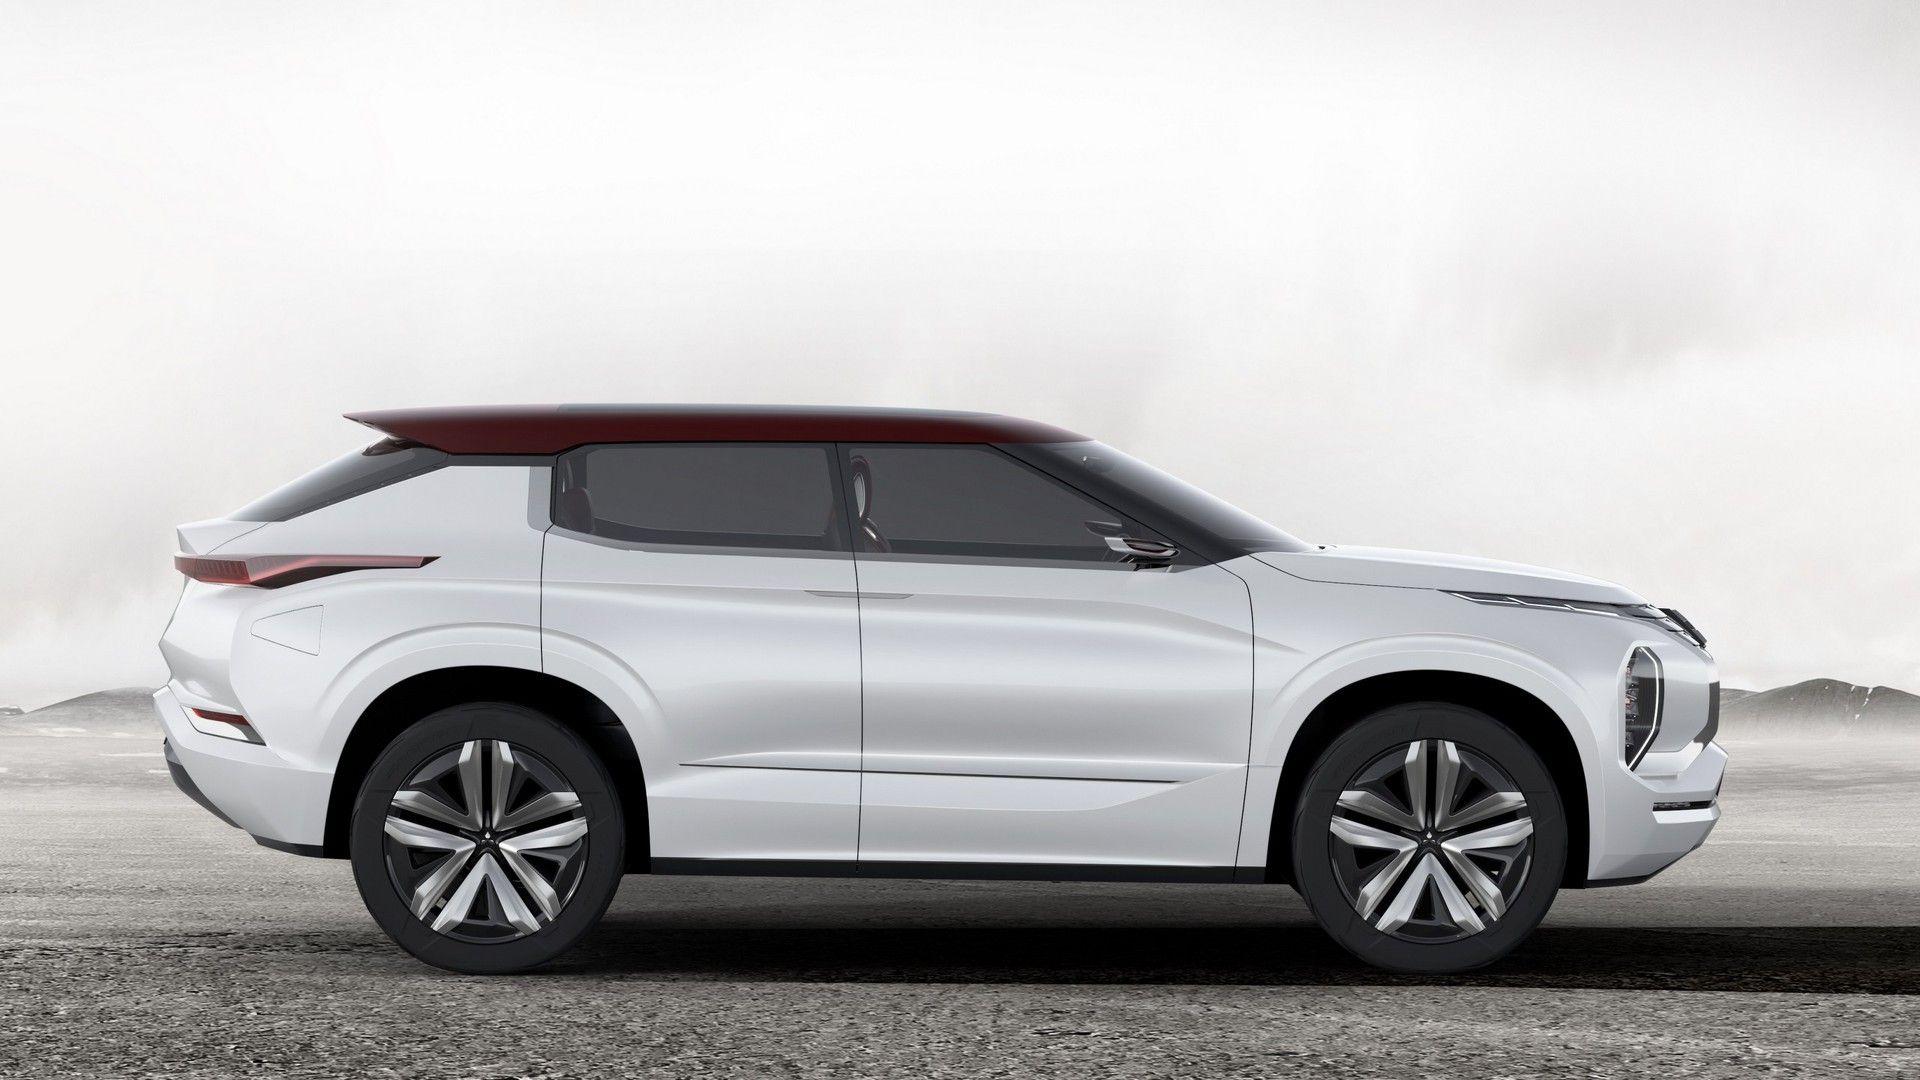 Salone di Parigi 2016: Mitsubishi GT-PHEV Concept: un suv ...